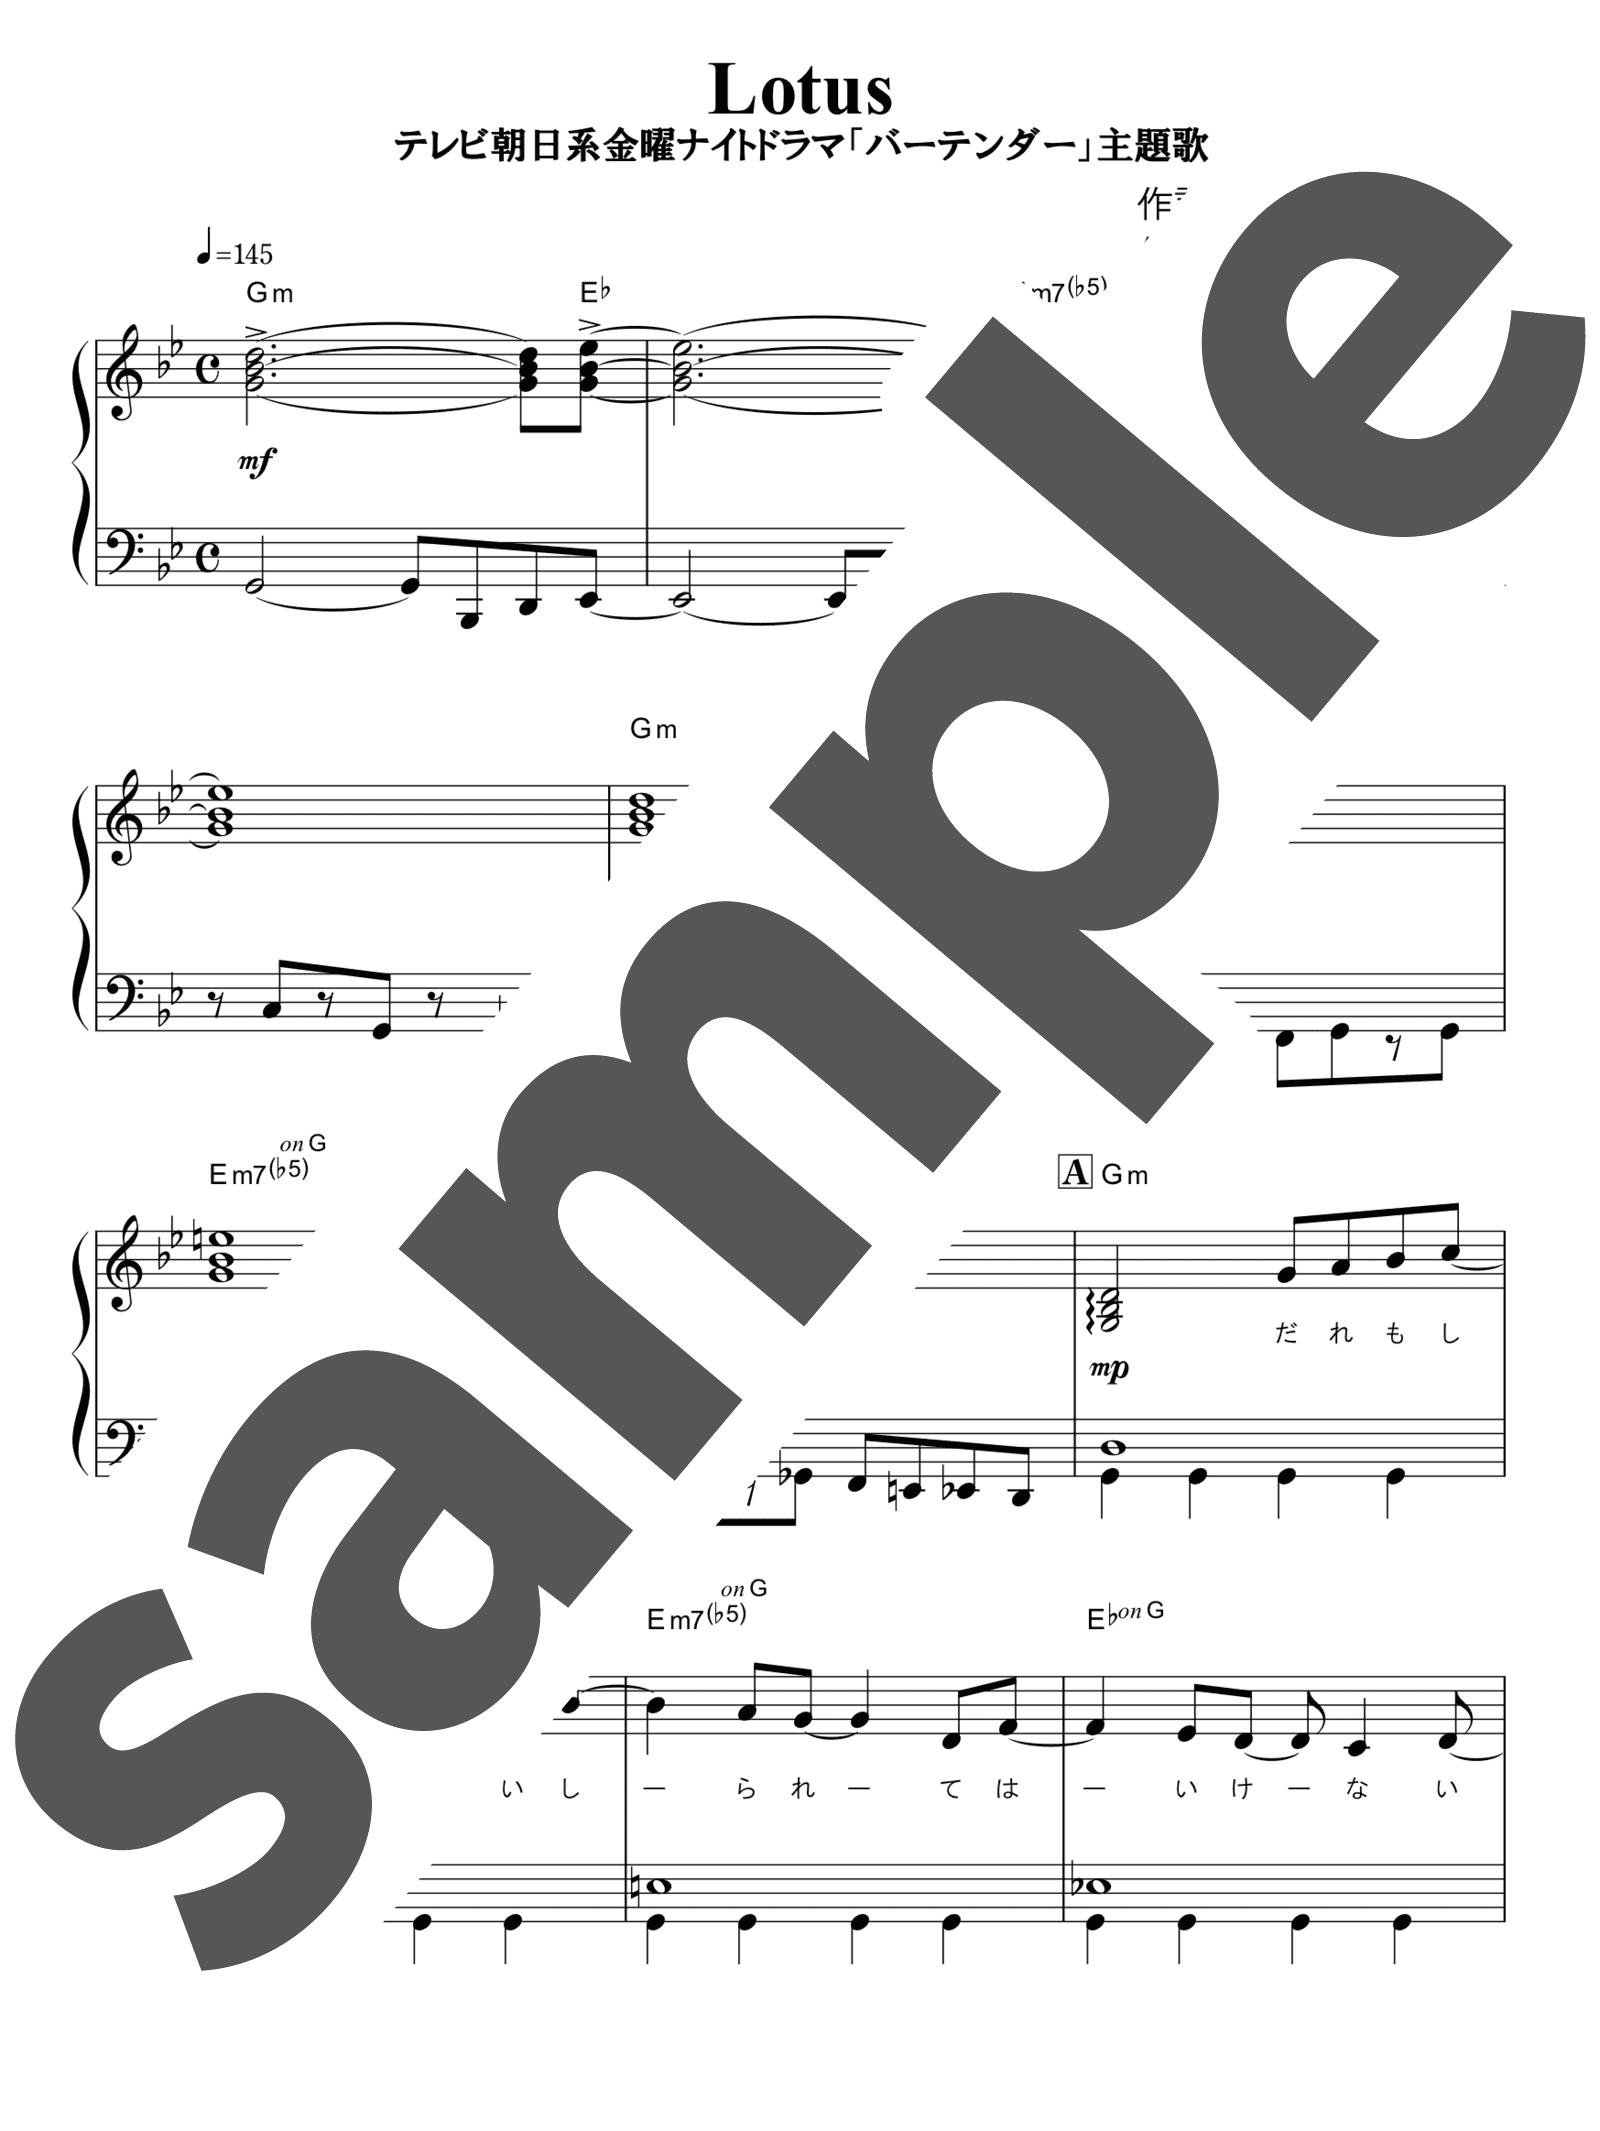 「Lotus」のサンプル楽譜